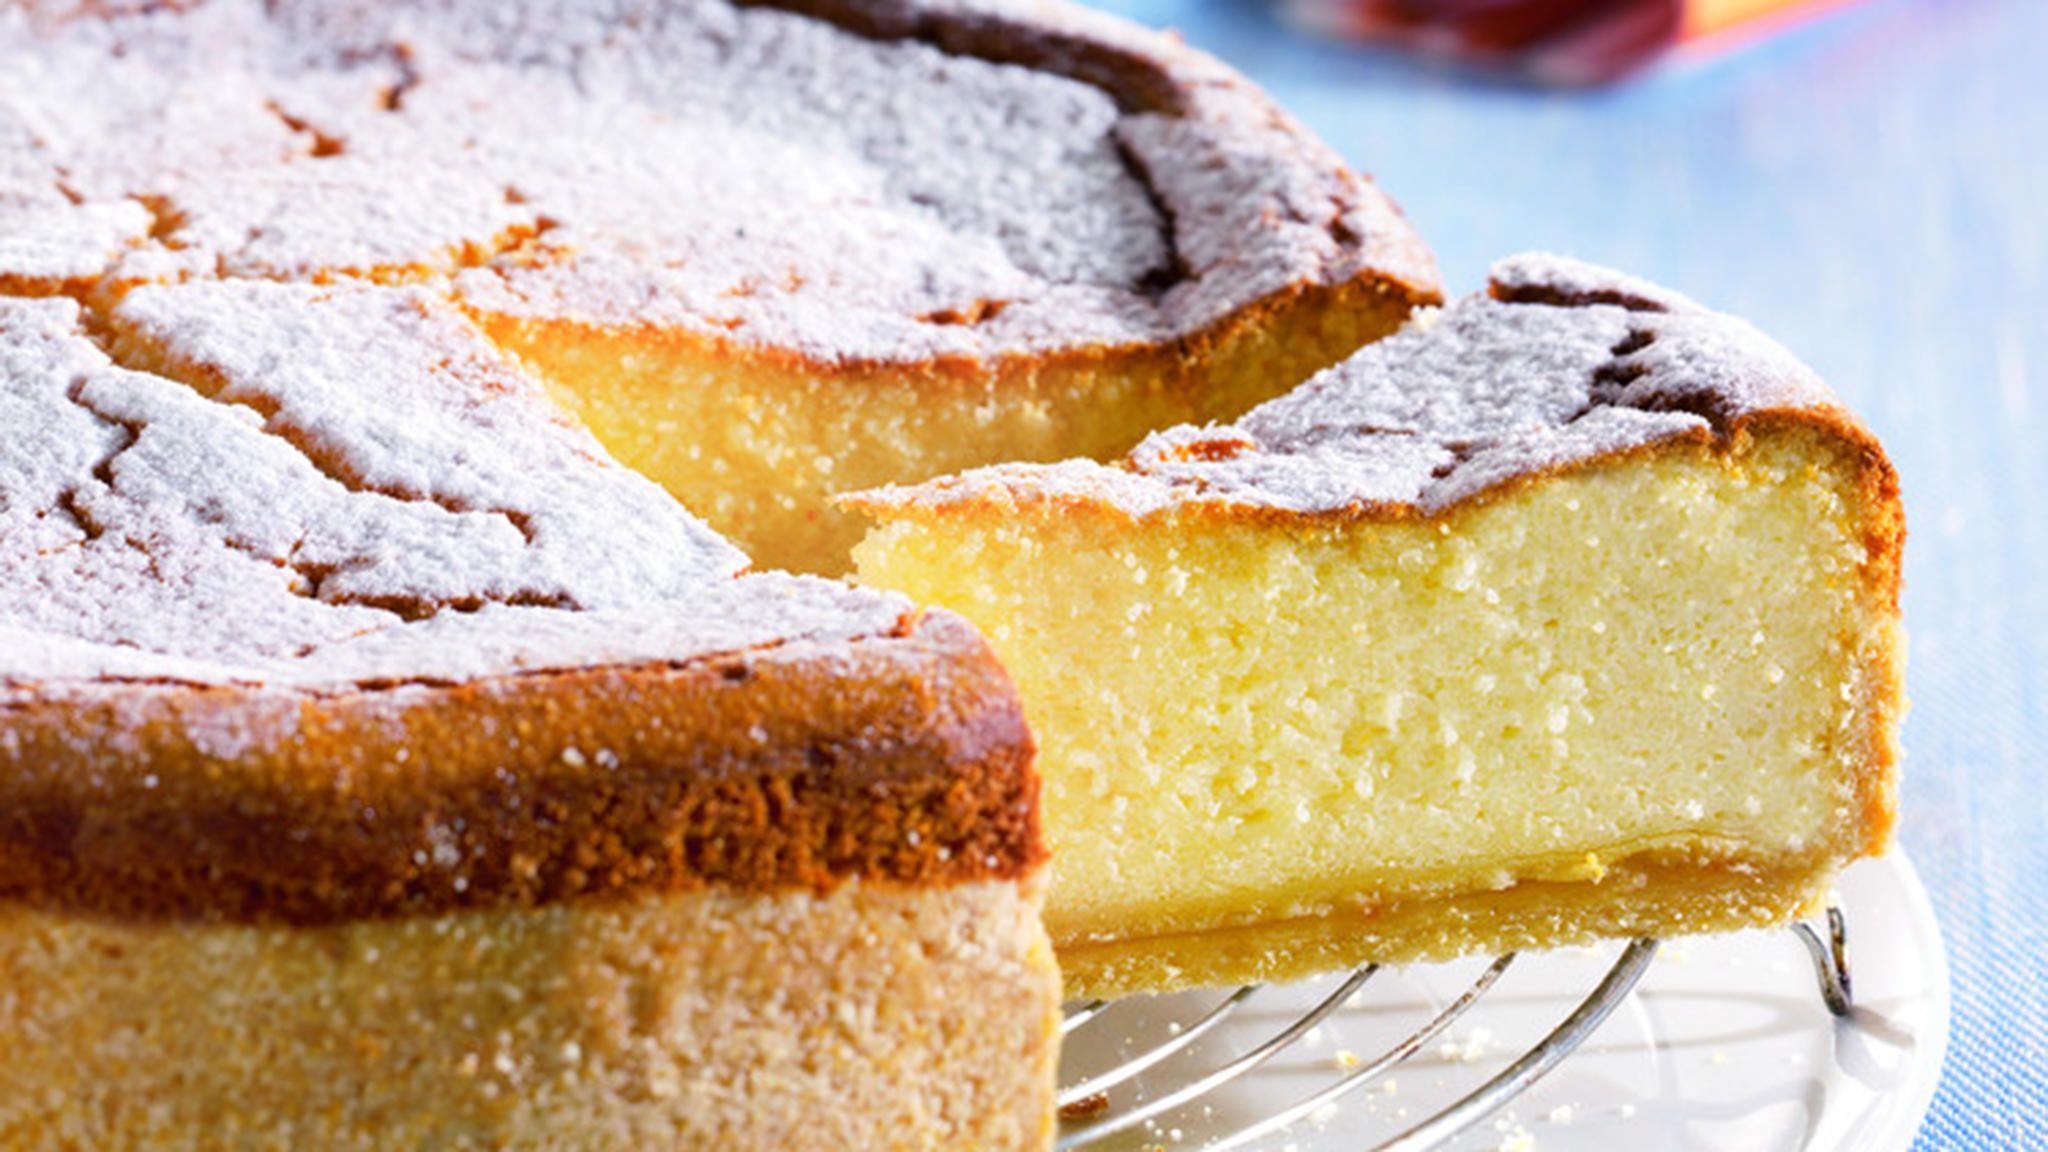 Grieß-Käsekuchen | Rezept | Fotostudio, Käsekuchen und Essen und ...